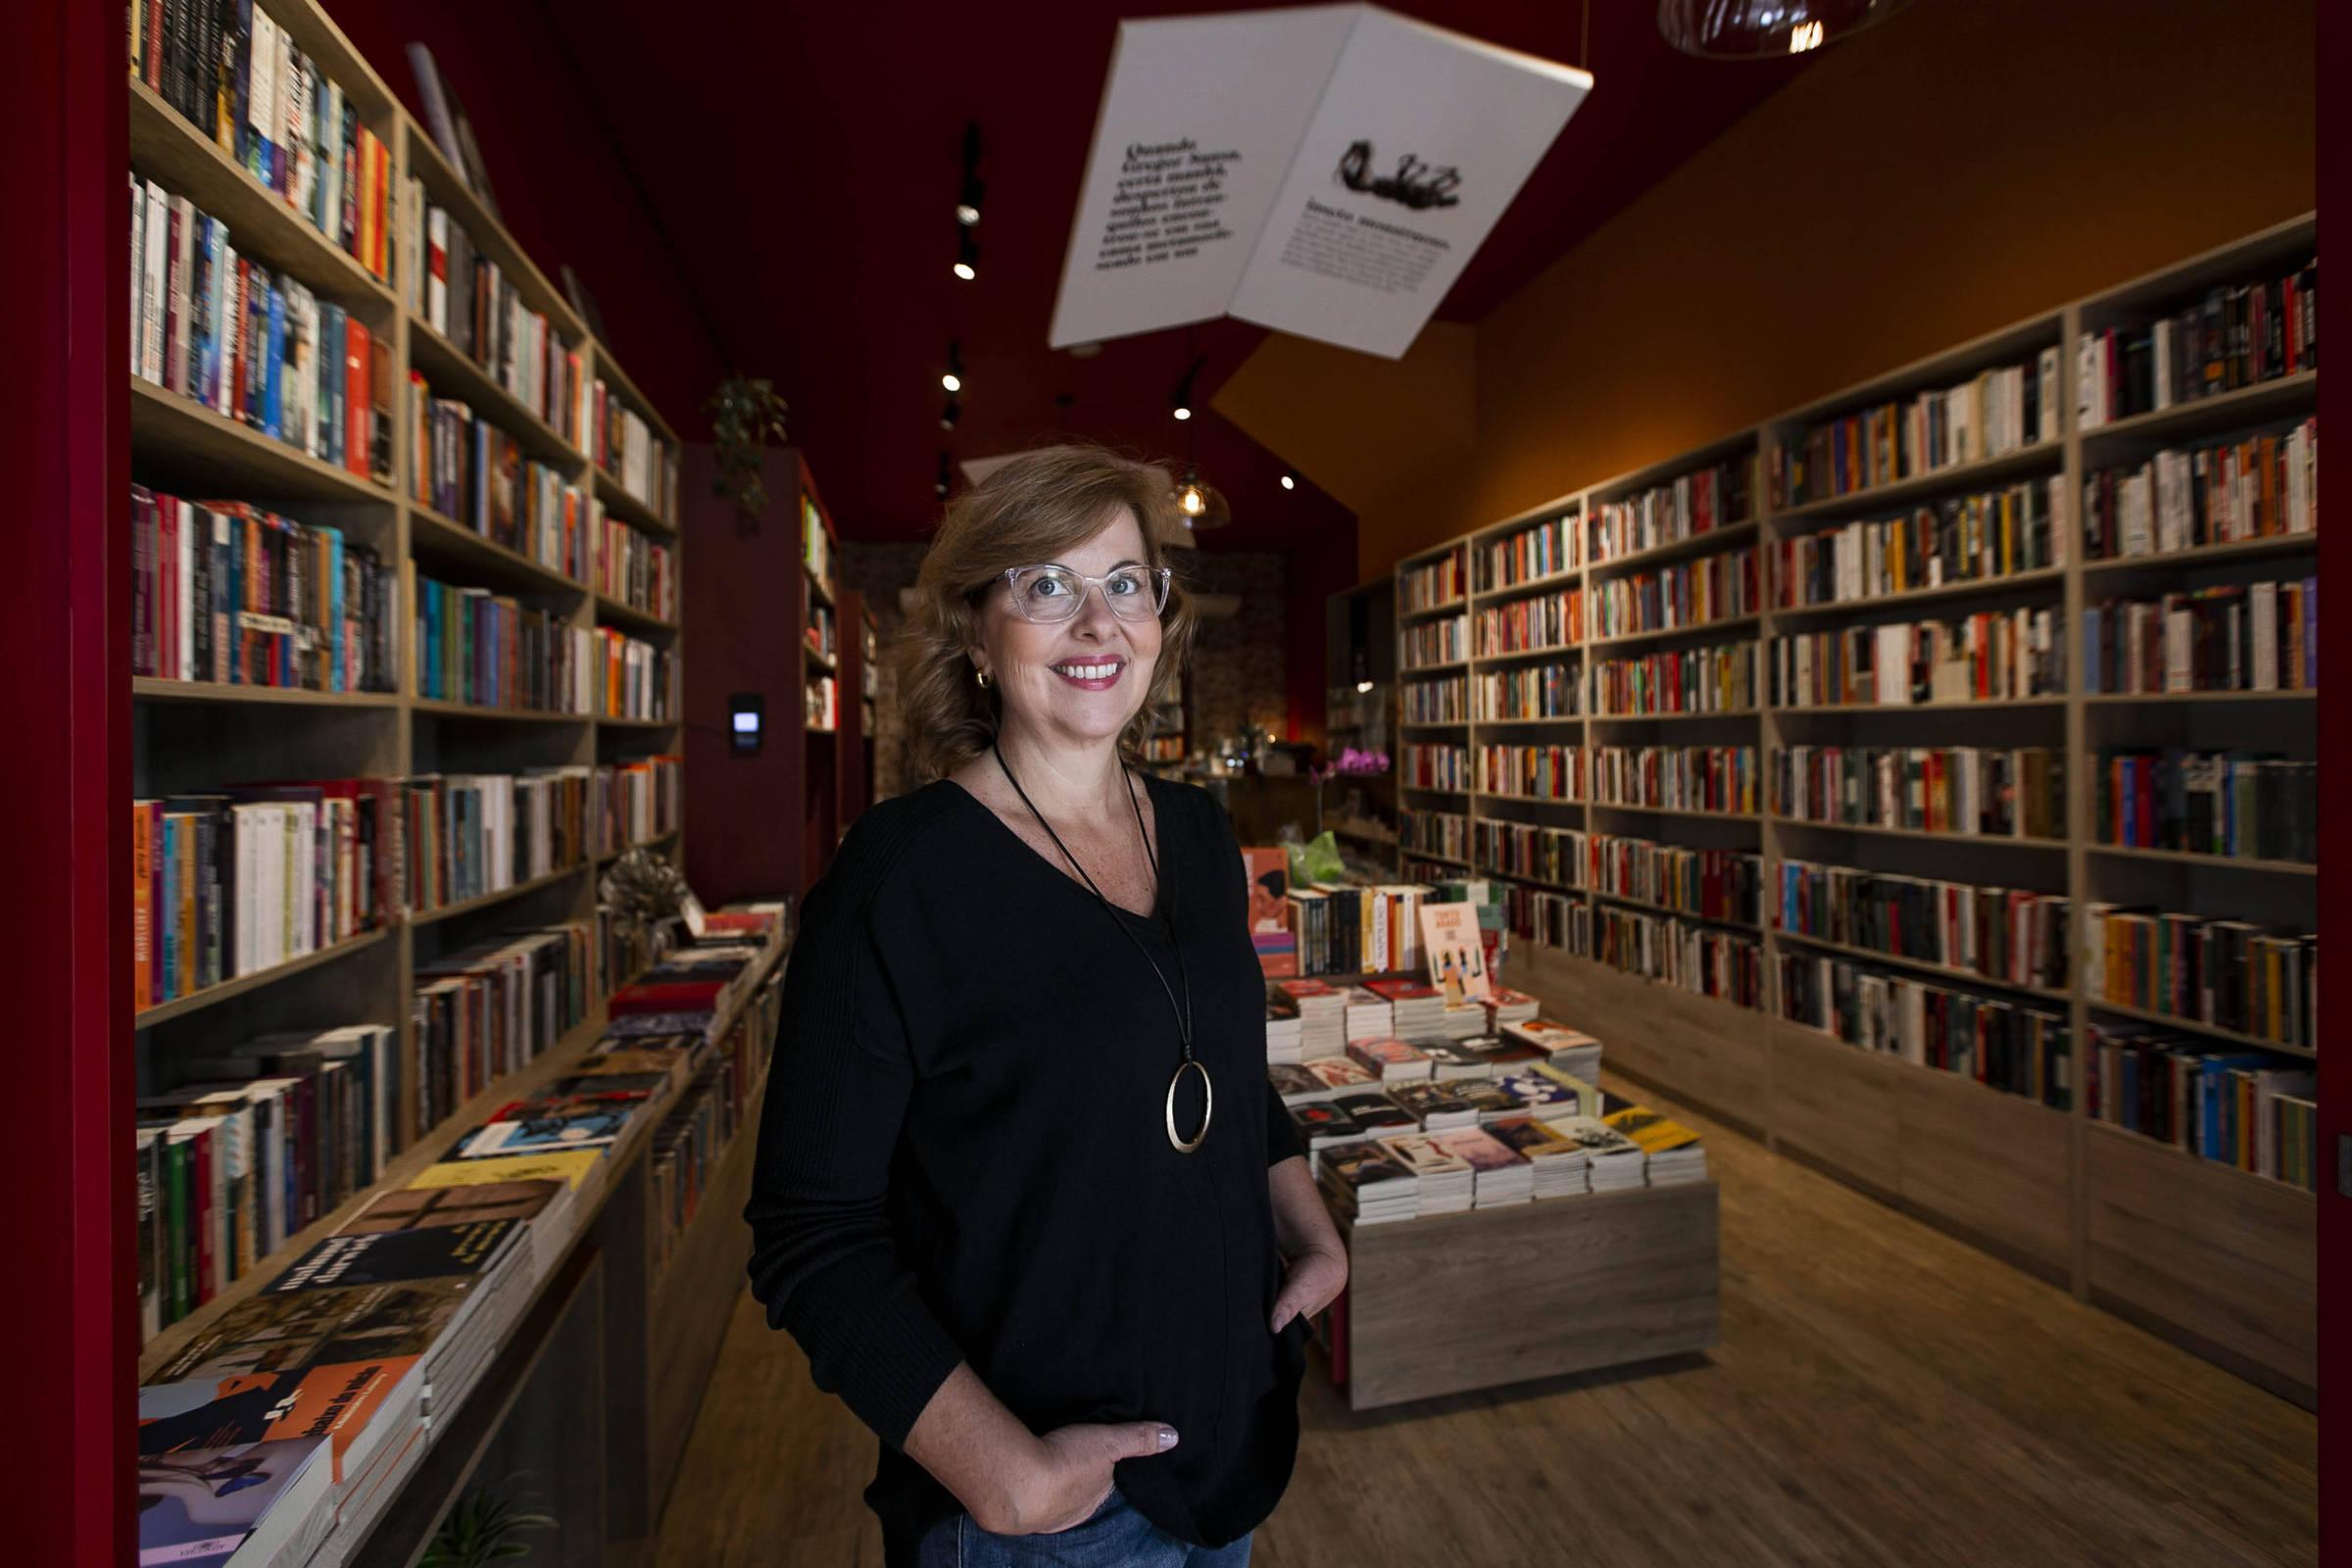 Livrarias investem em influenciadores e cursos online para brigar com gigantes